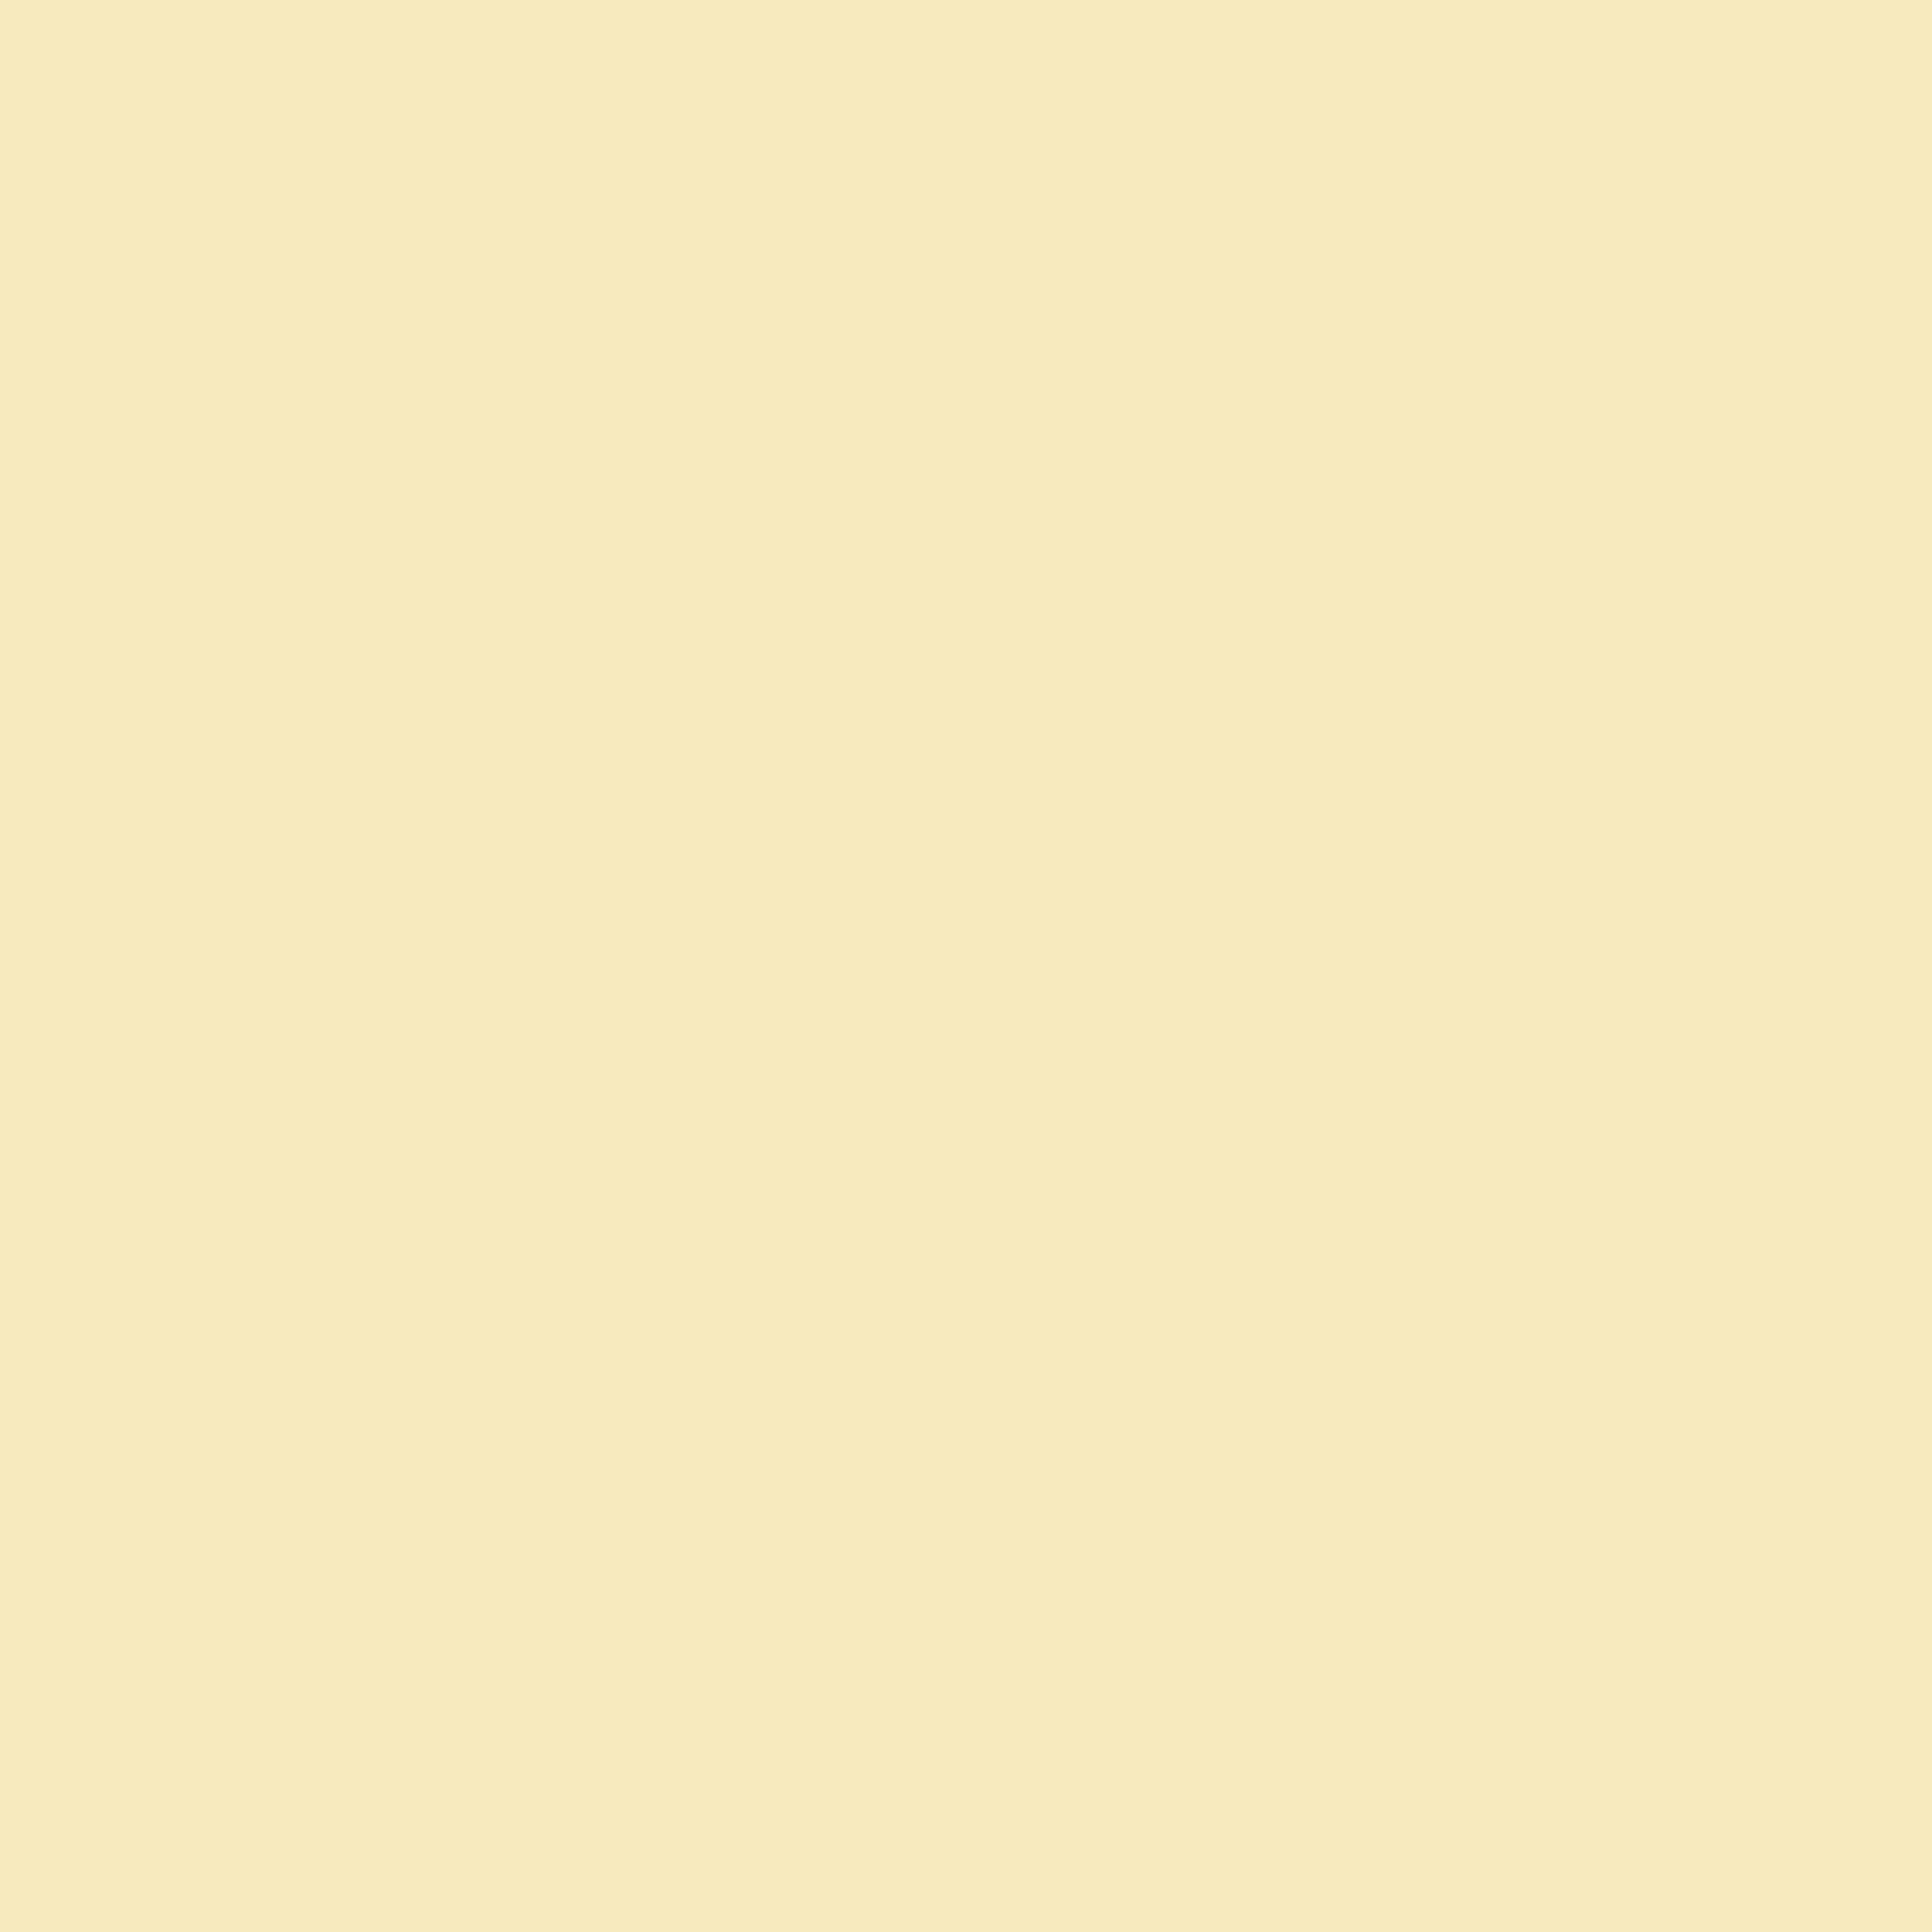 2732x2732 Lemon Meringue Solid Color Background